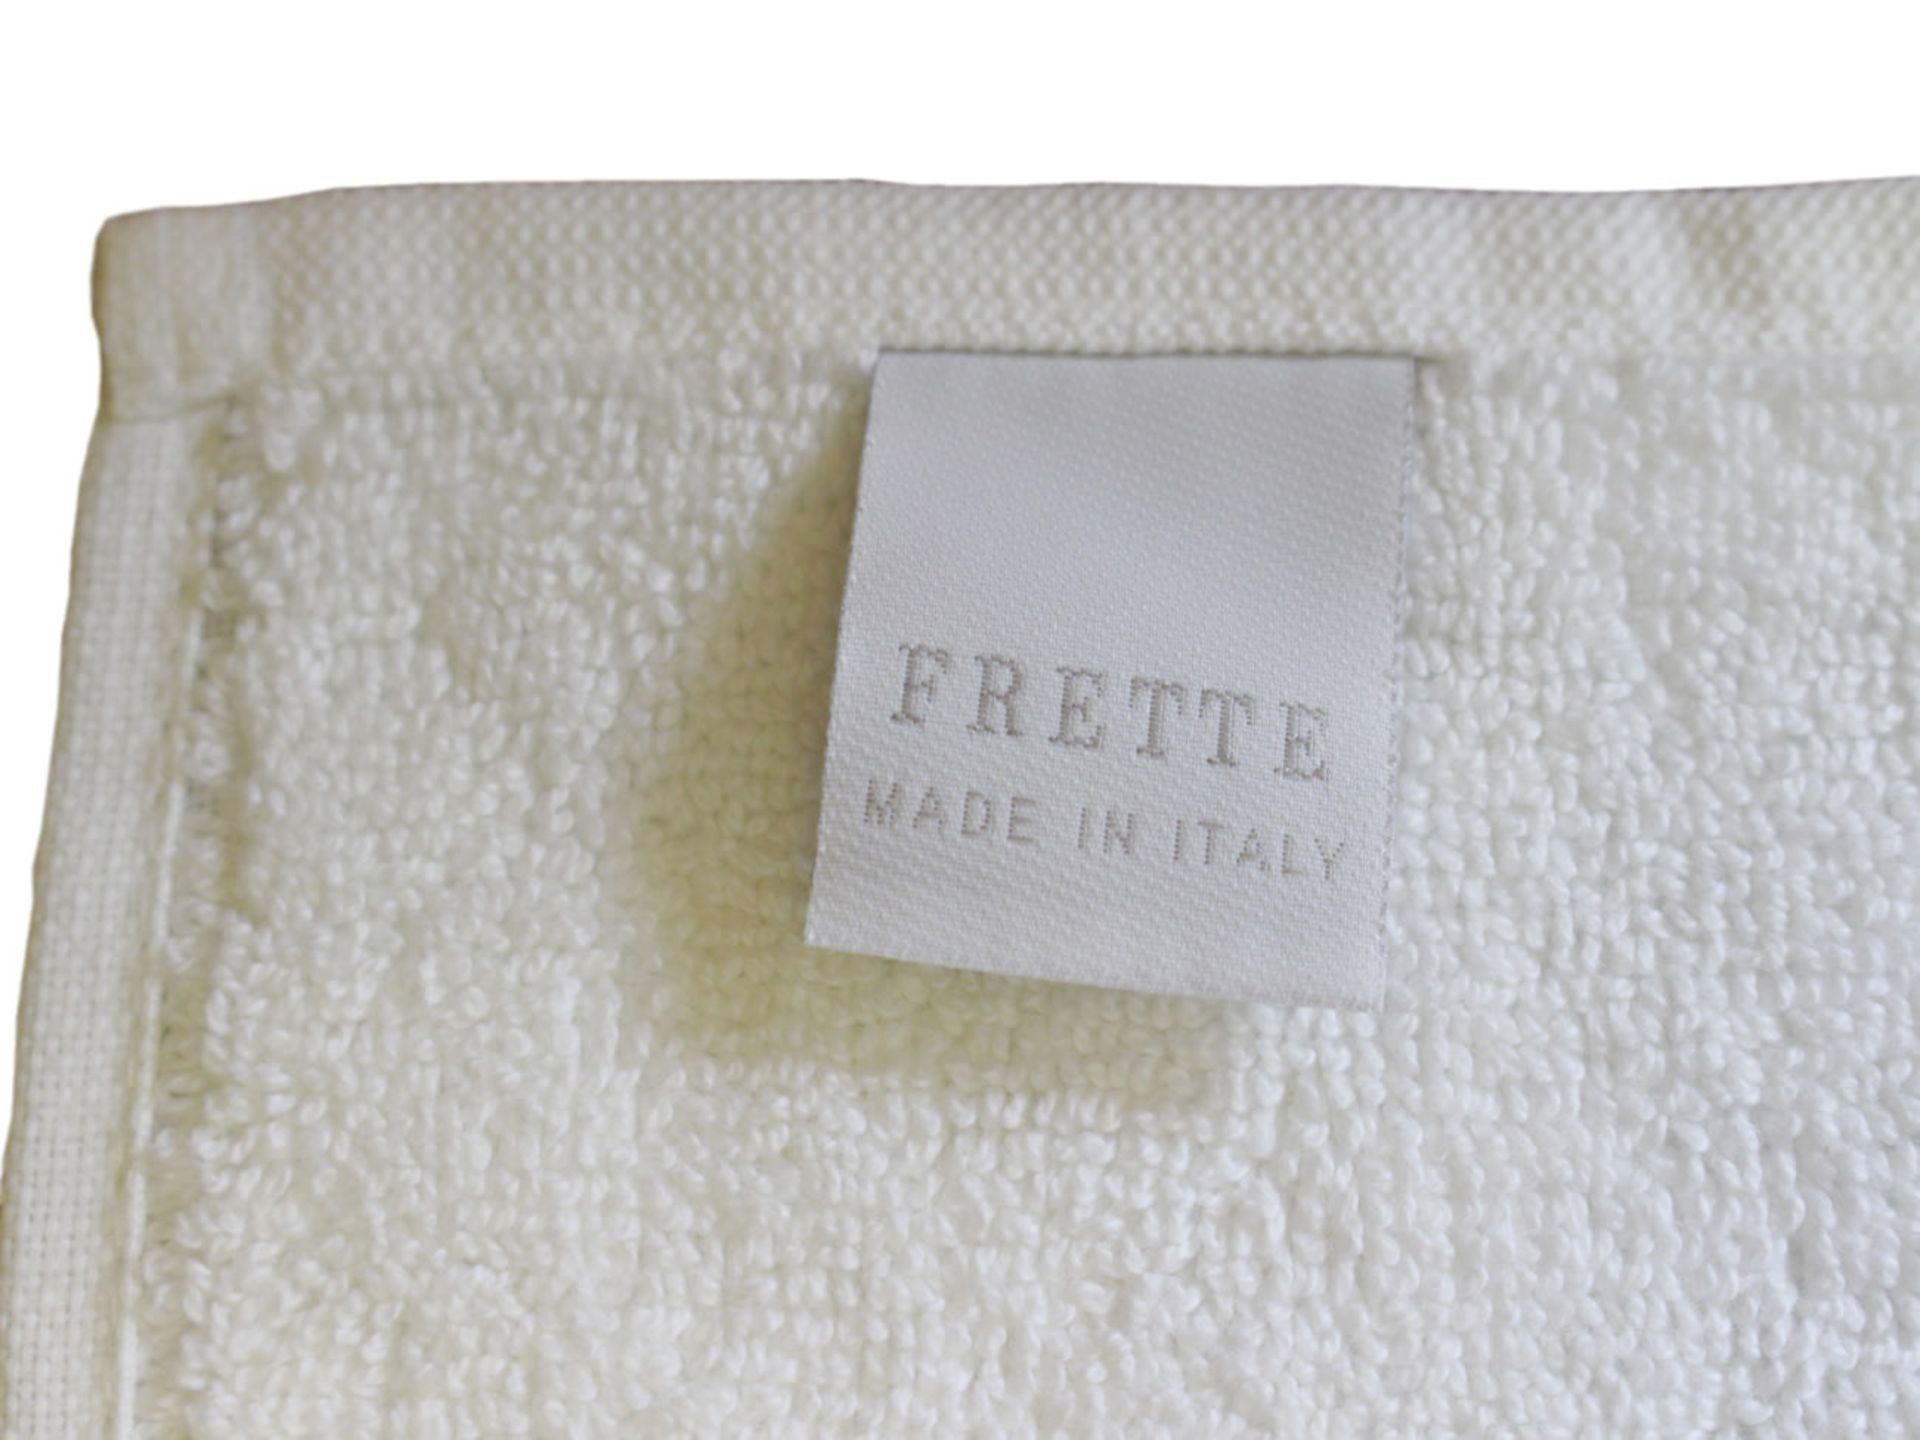 Lot 10781 - V Brand New Frette Italian Bath Mat - 75 x 50cm - White